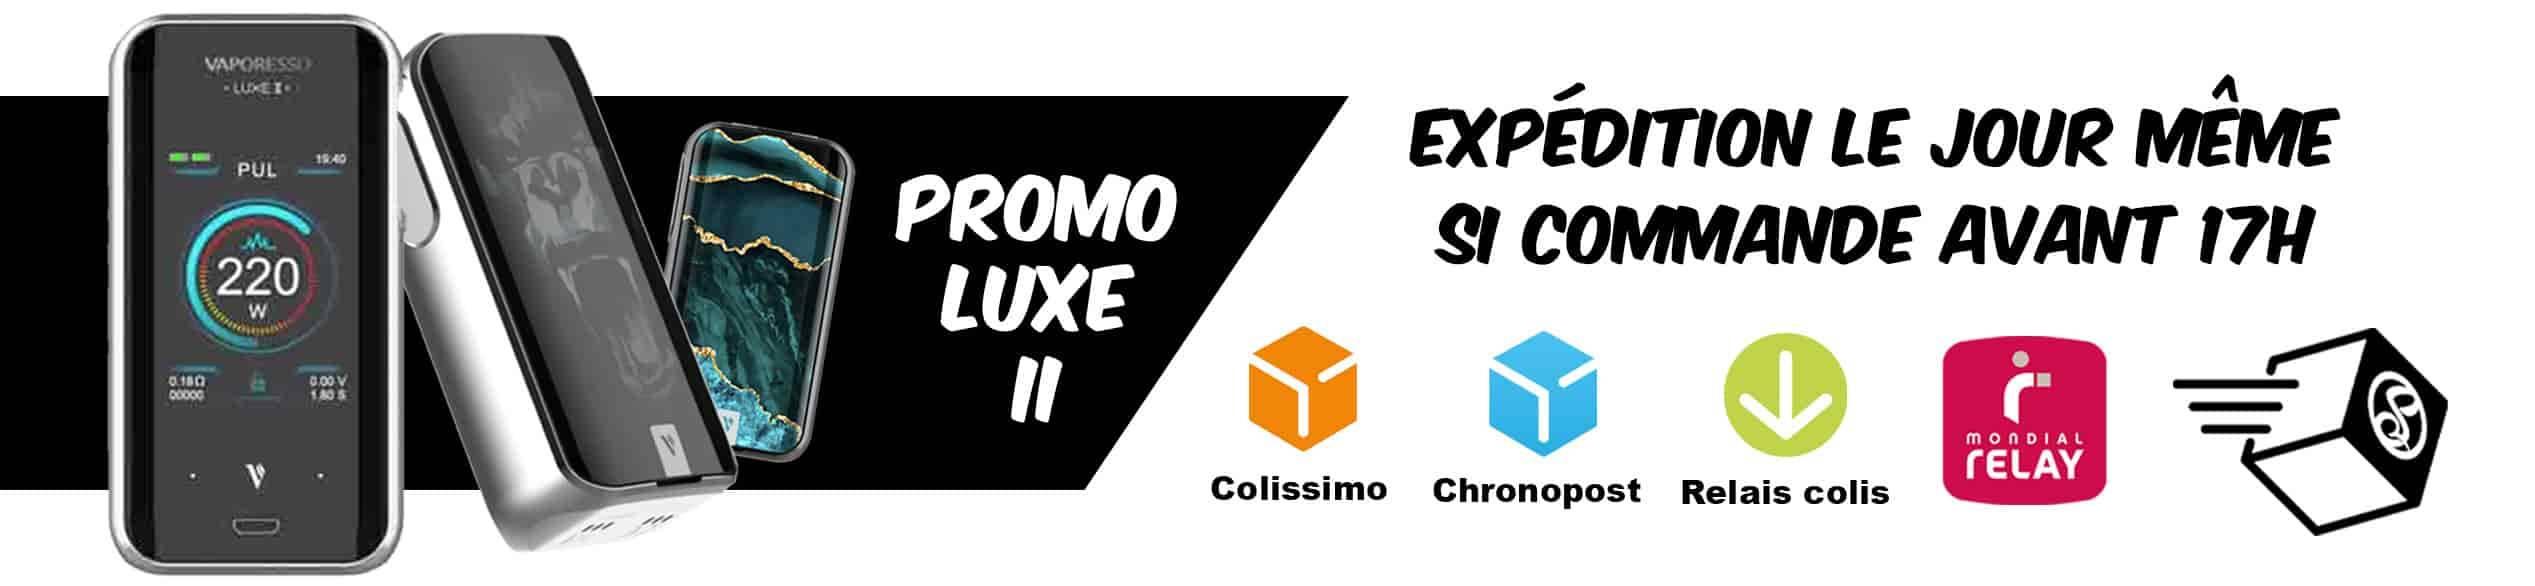 Promo Box Luxe 2 vaporesso